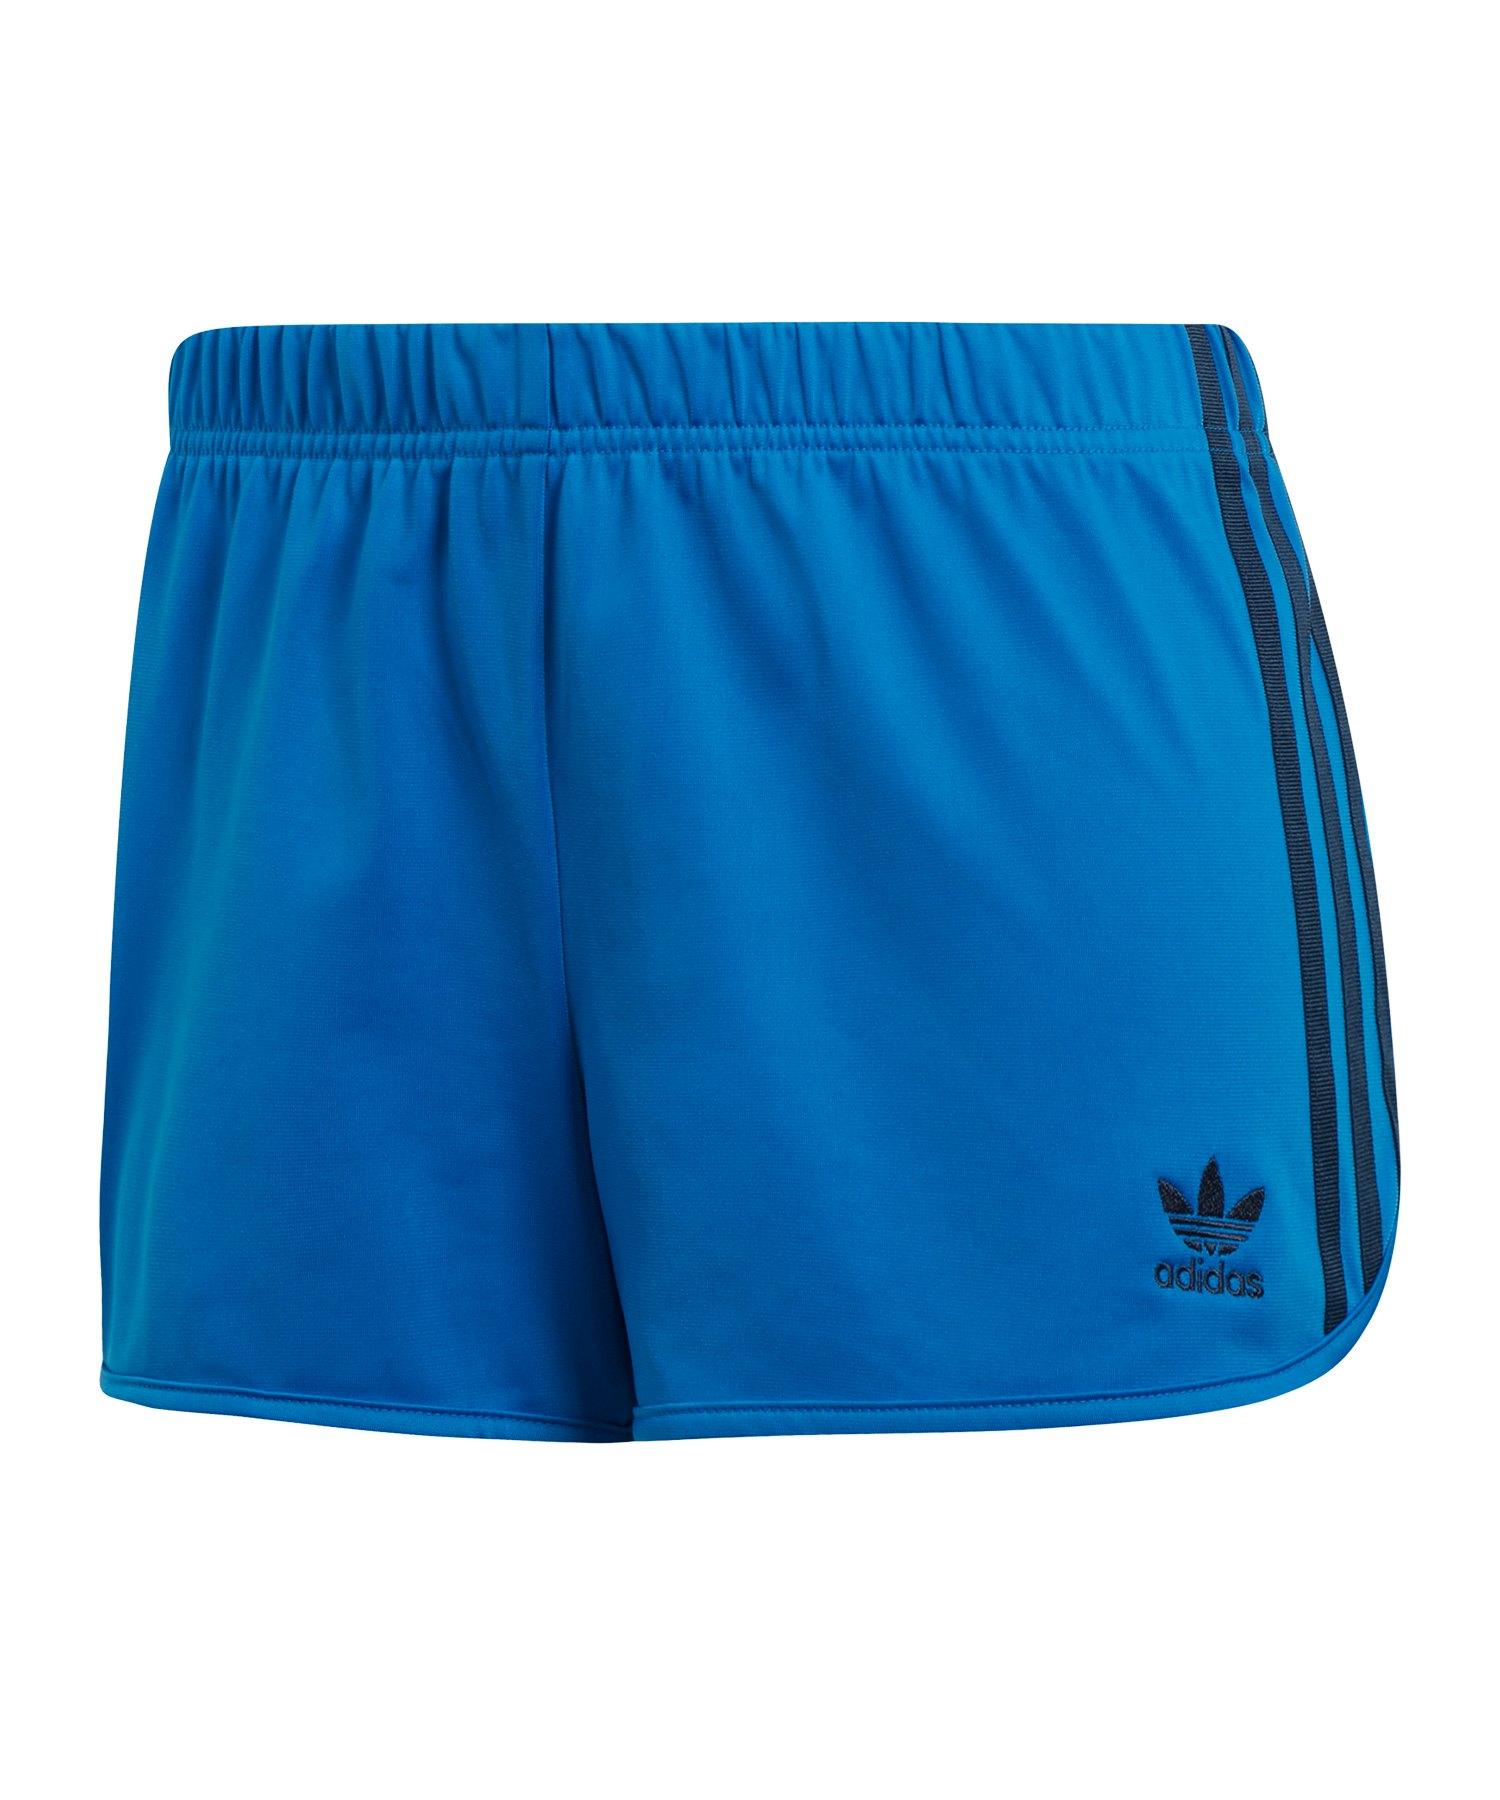 Details zu adidas Originals Shorts Short Damen Sporthose Kurze Hose Yogahose Turnhose